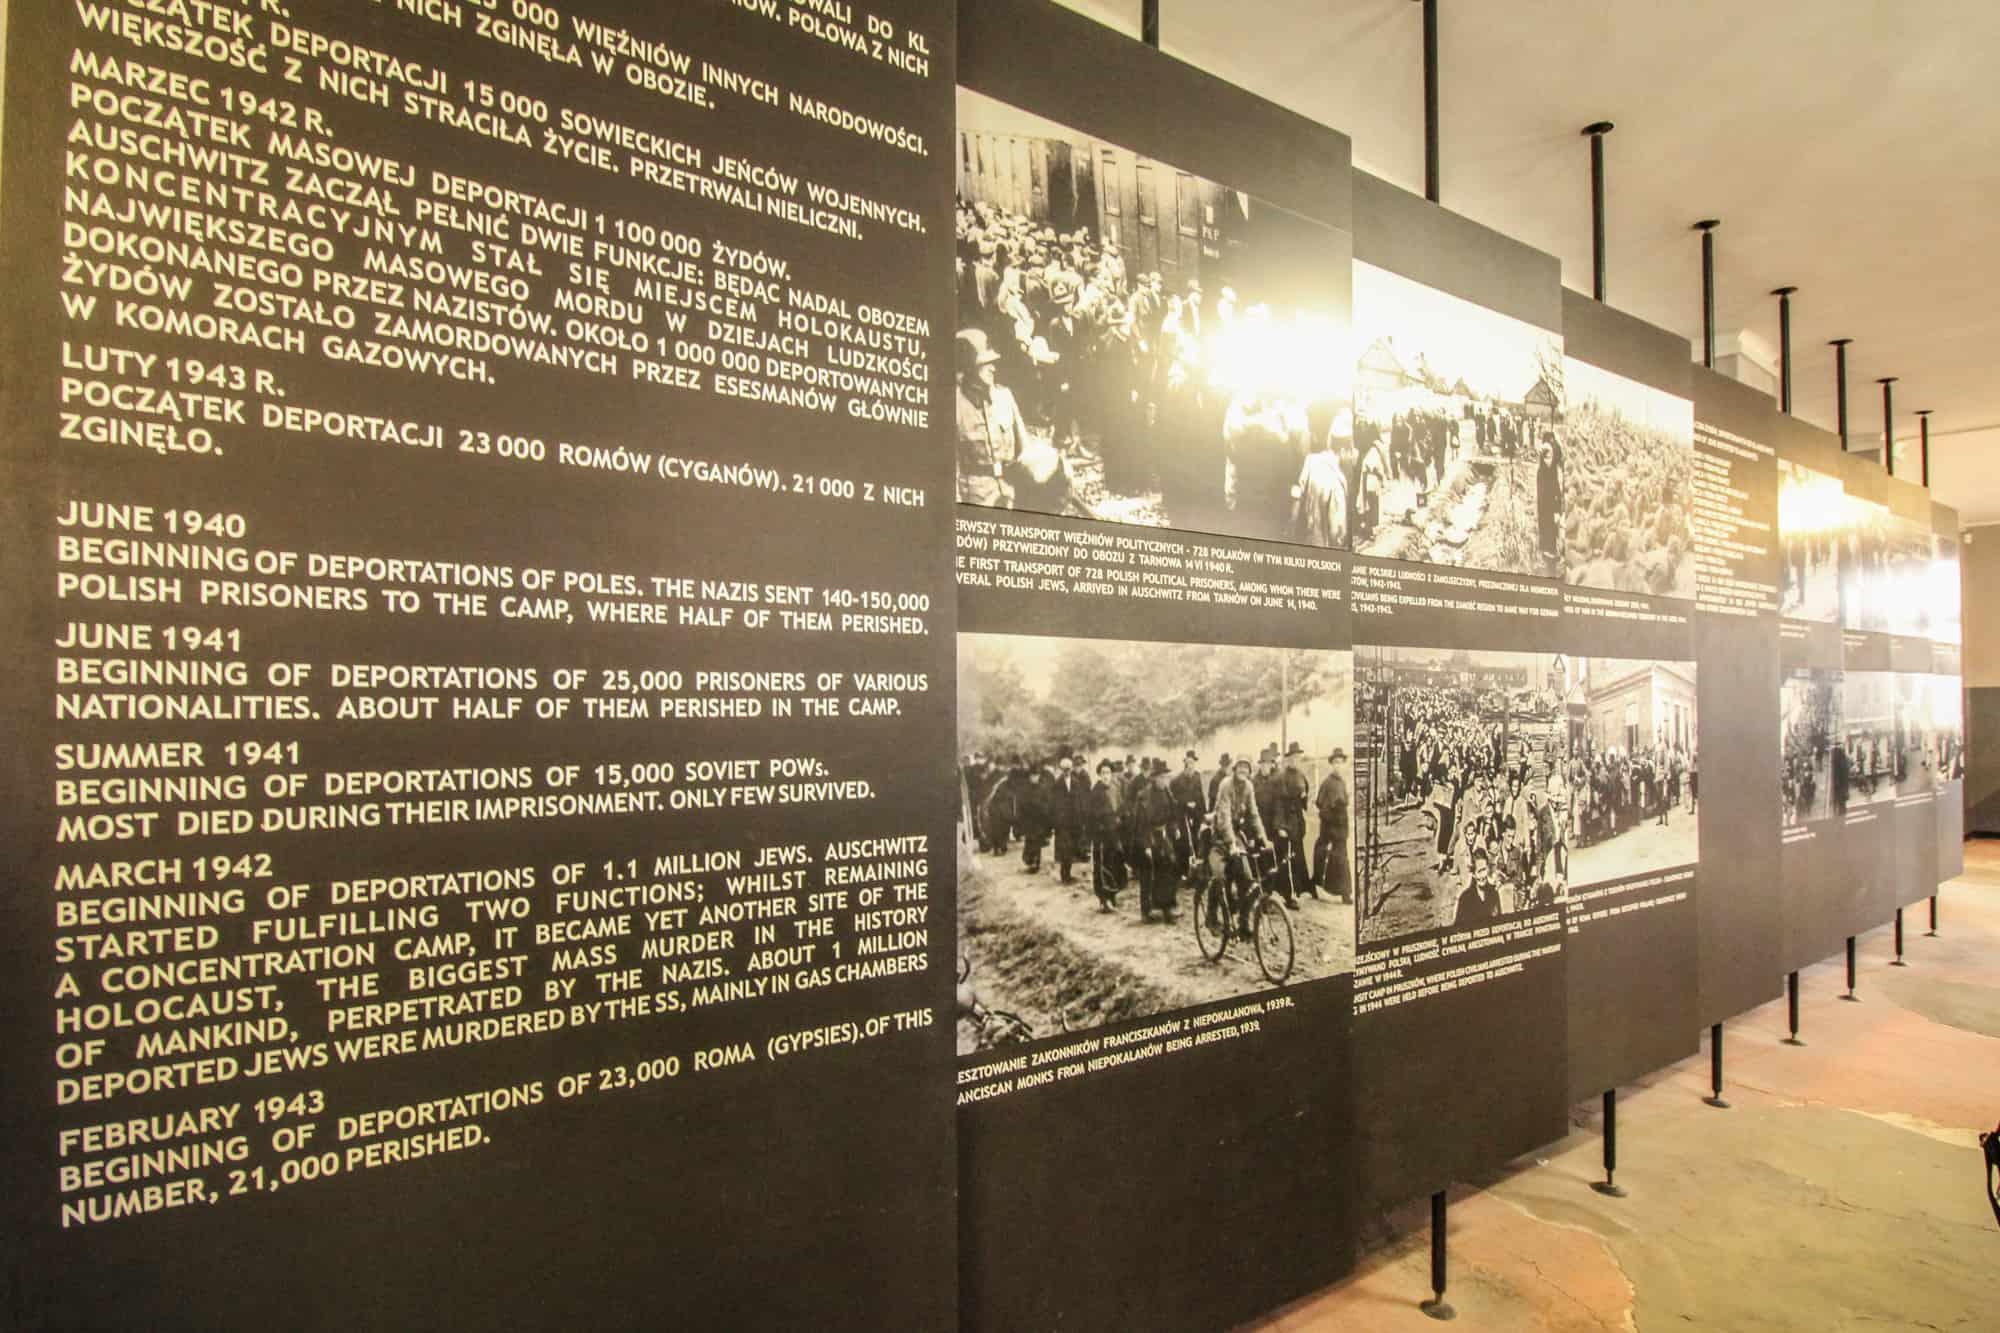 Auschwitz 1 – Tafeln im Museum